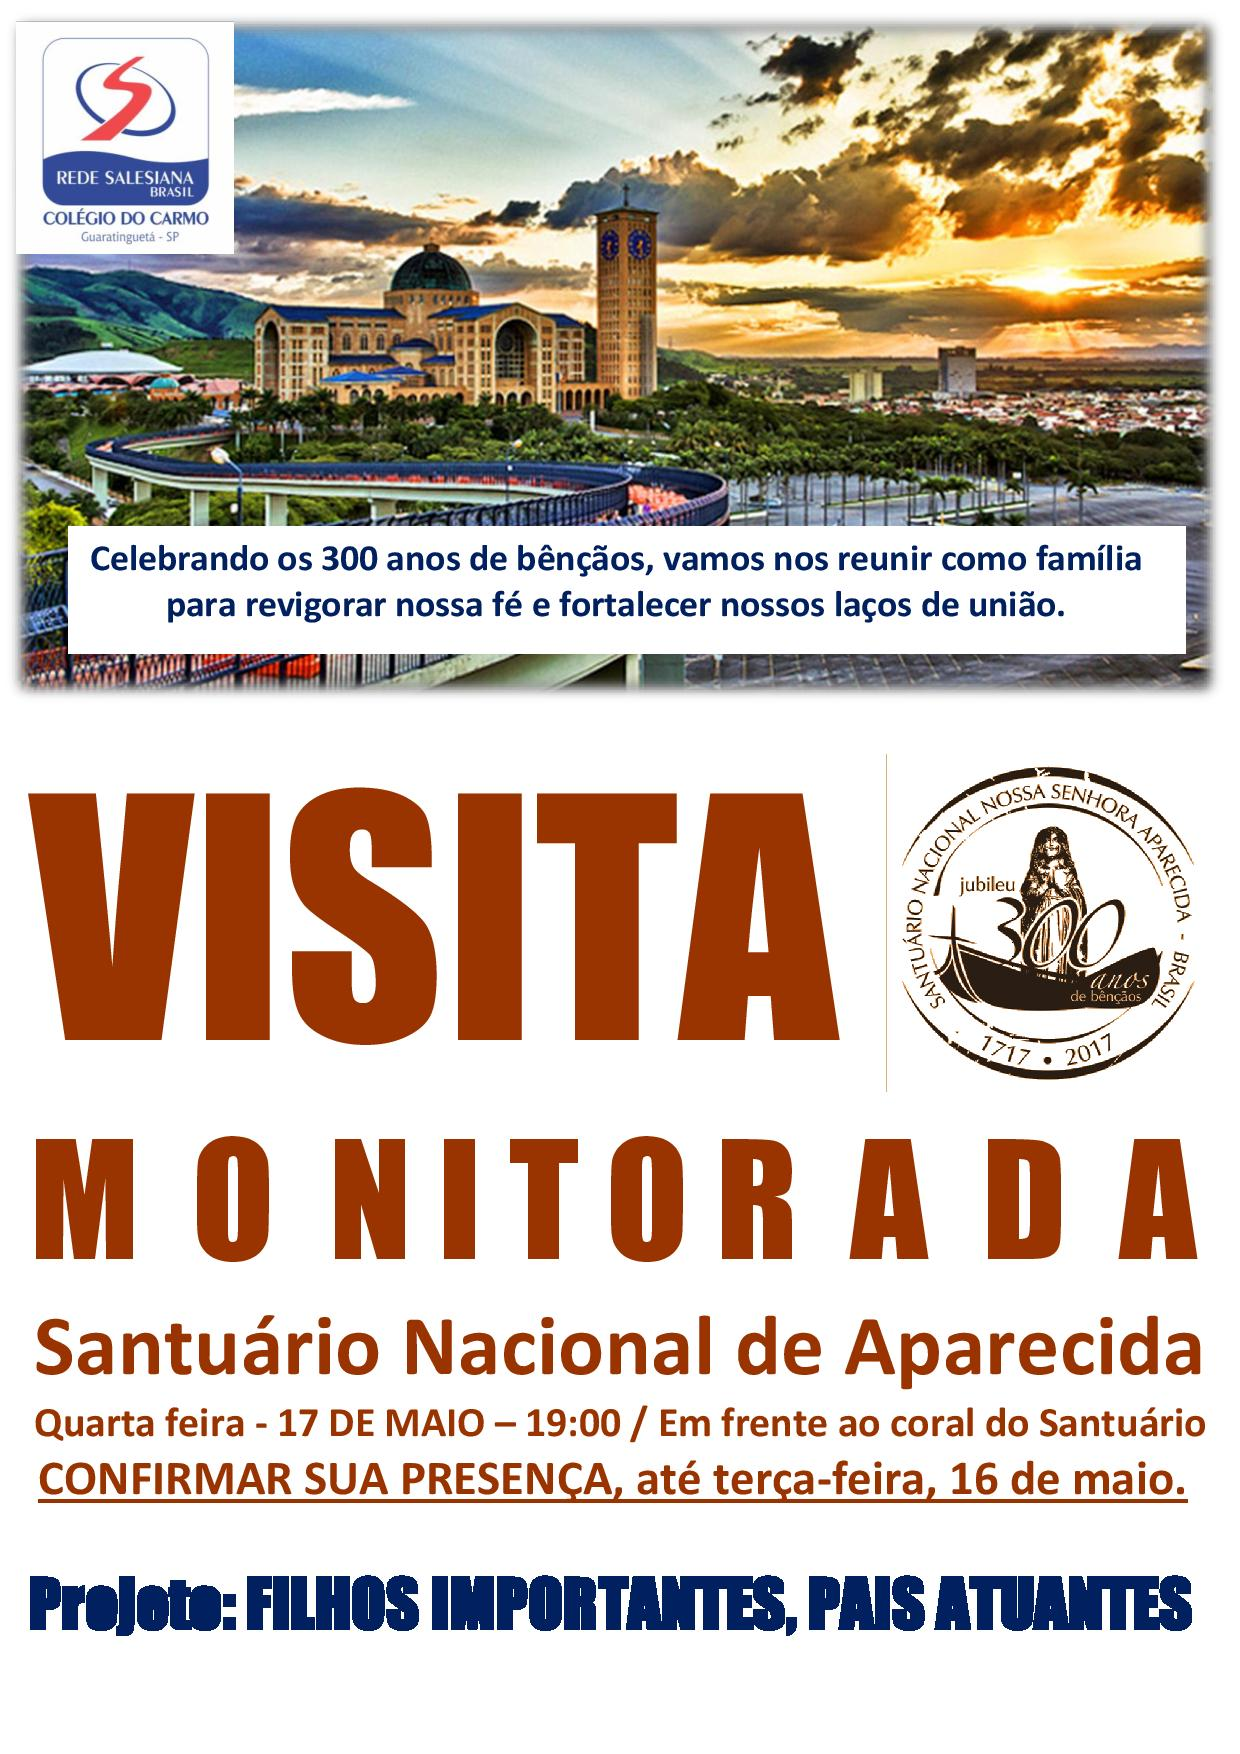 Projeto com pais/responsáveis proporciona visita monitorada ao Santuário Nacional